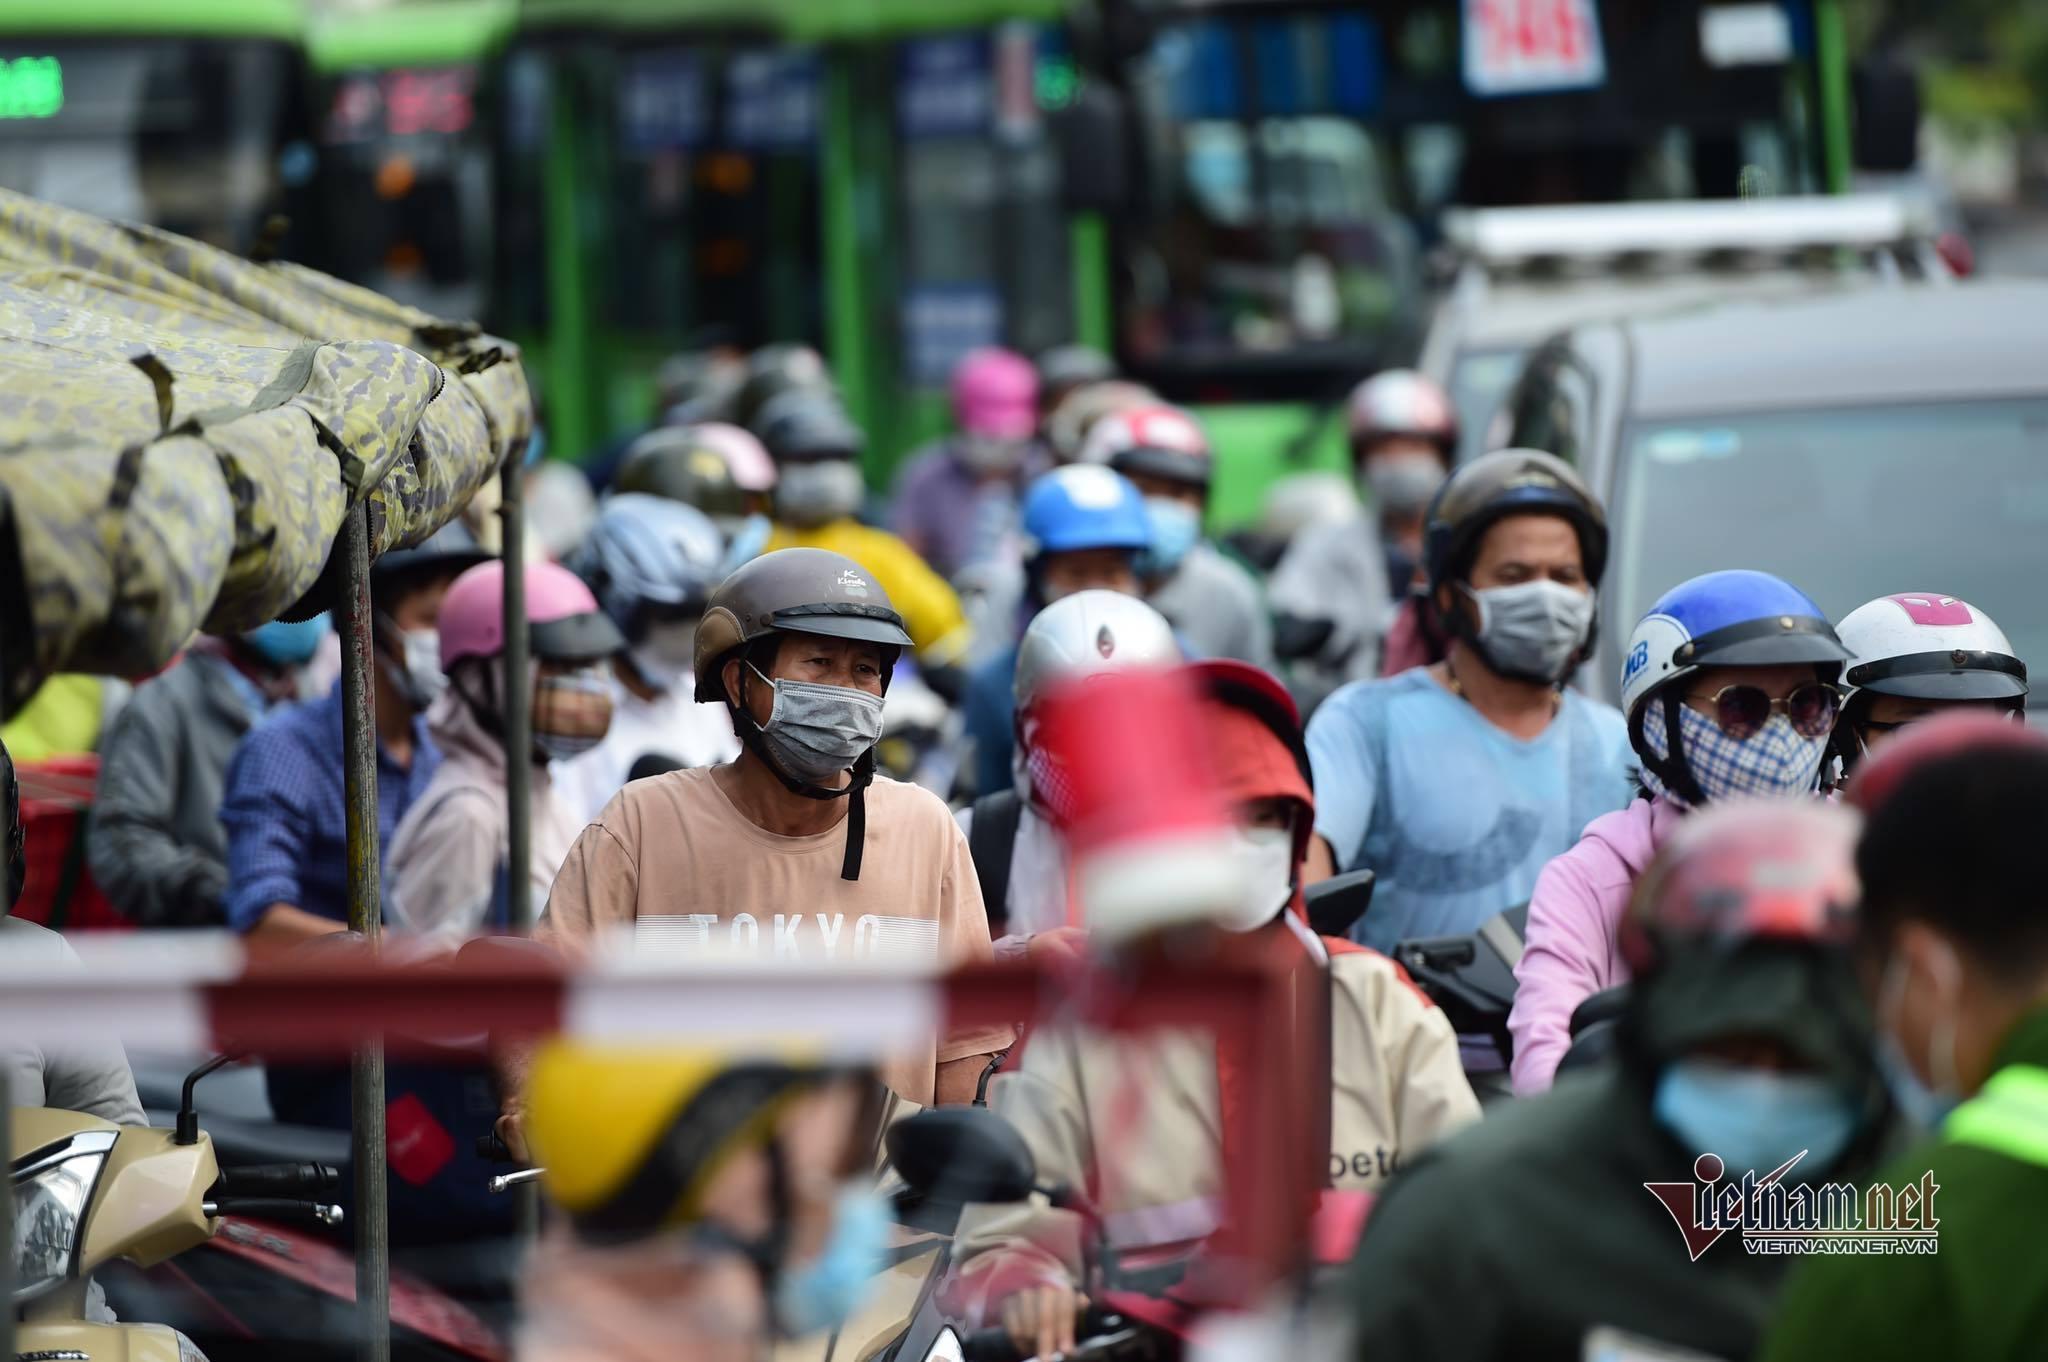 Ca nhiễm từ nhóm truyền giáo tăng kỷ lục, thành phố lớn nhất nước 'căng mình' chống dịch